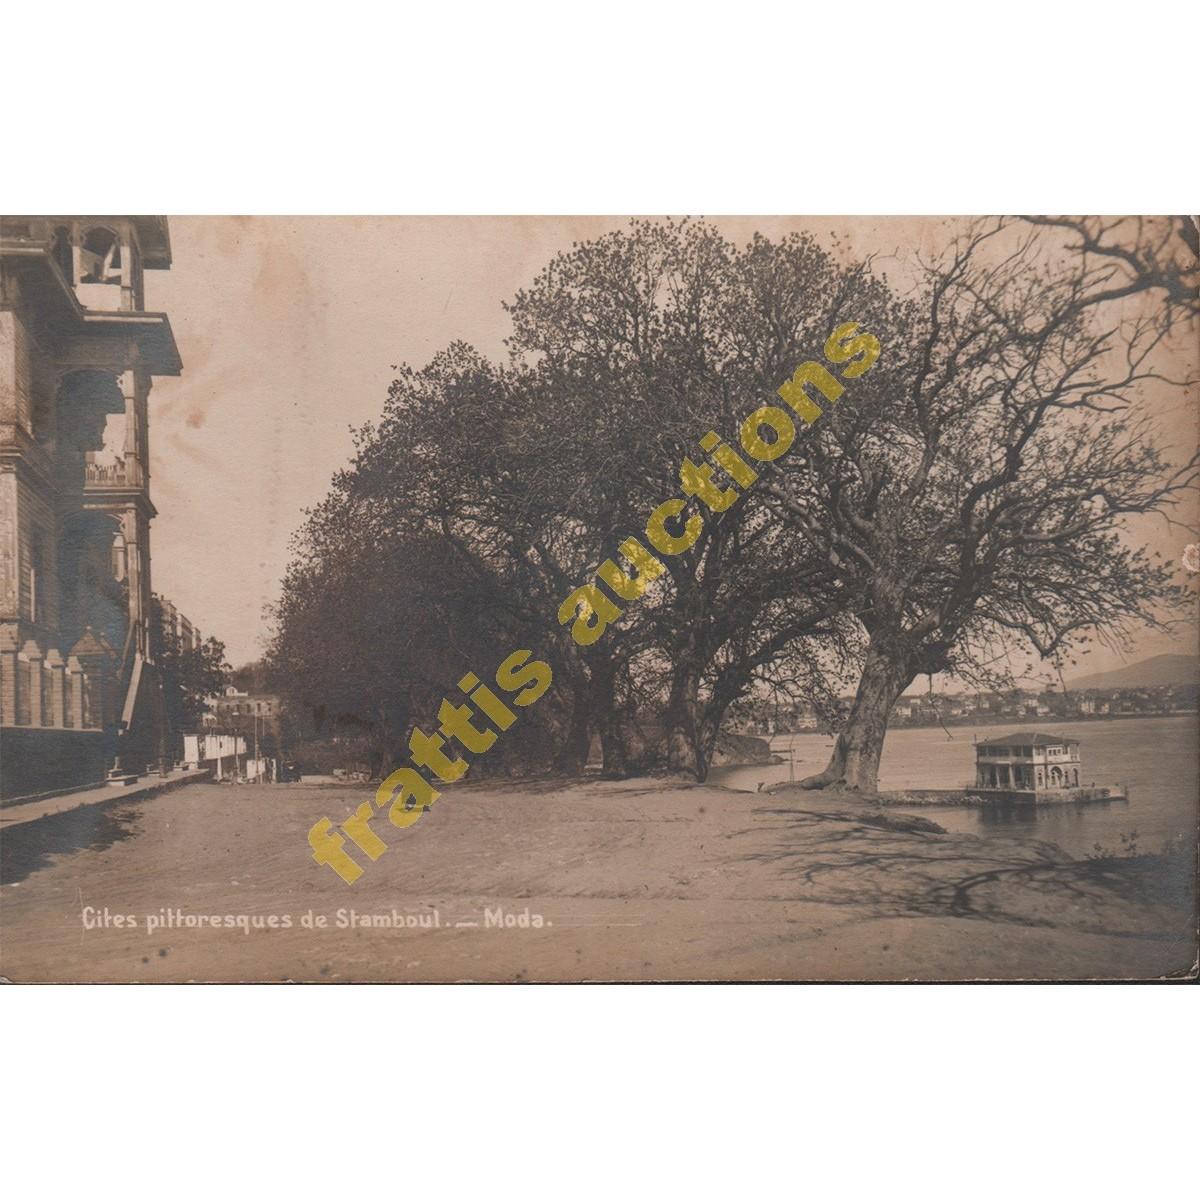 Άποψη γειτονιάς στην Κωνσταντινούπολη, Post card.